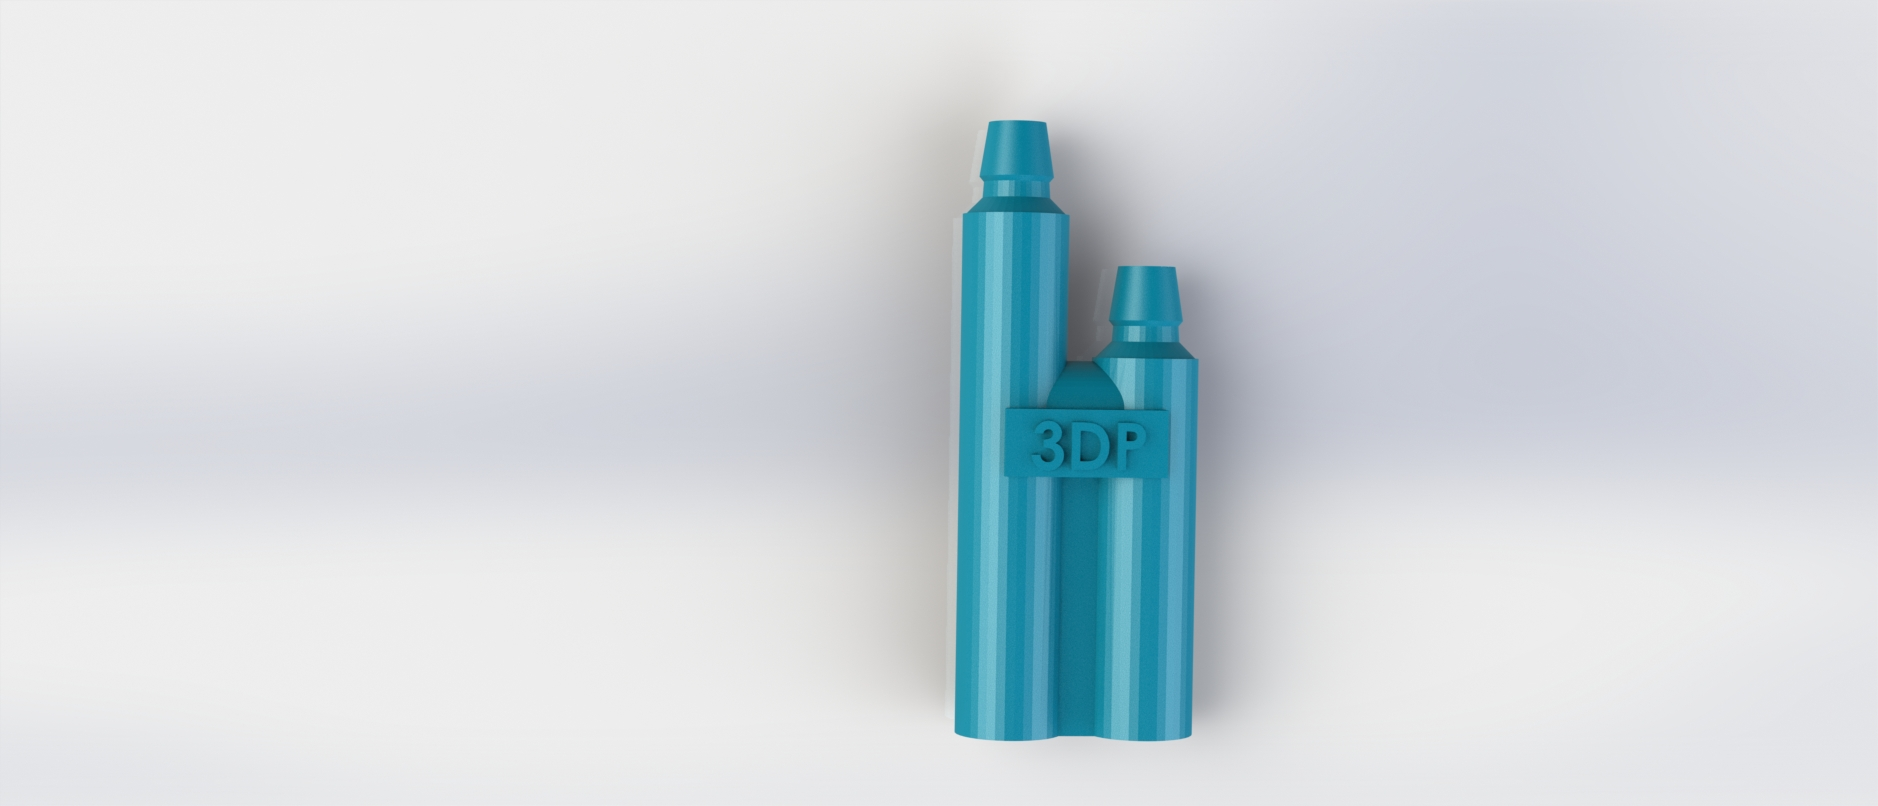 3Dponics Venturi - Customize 3D Designs